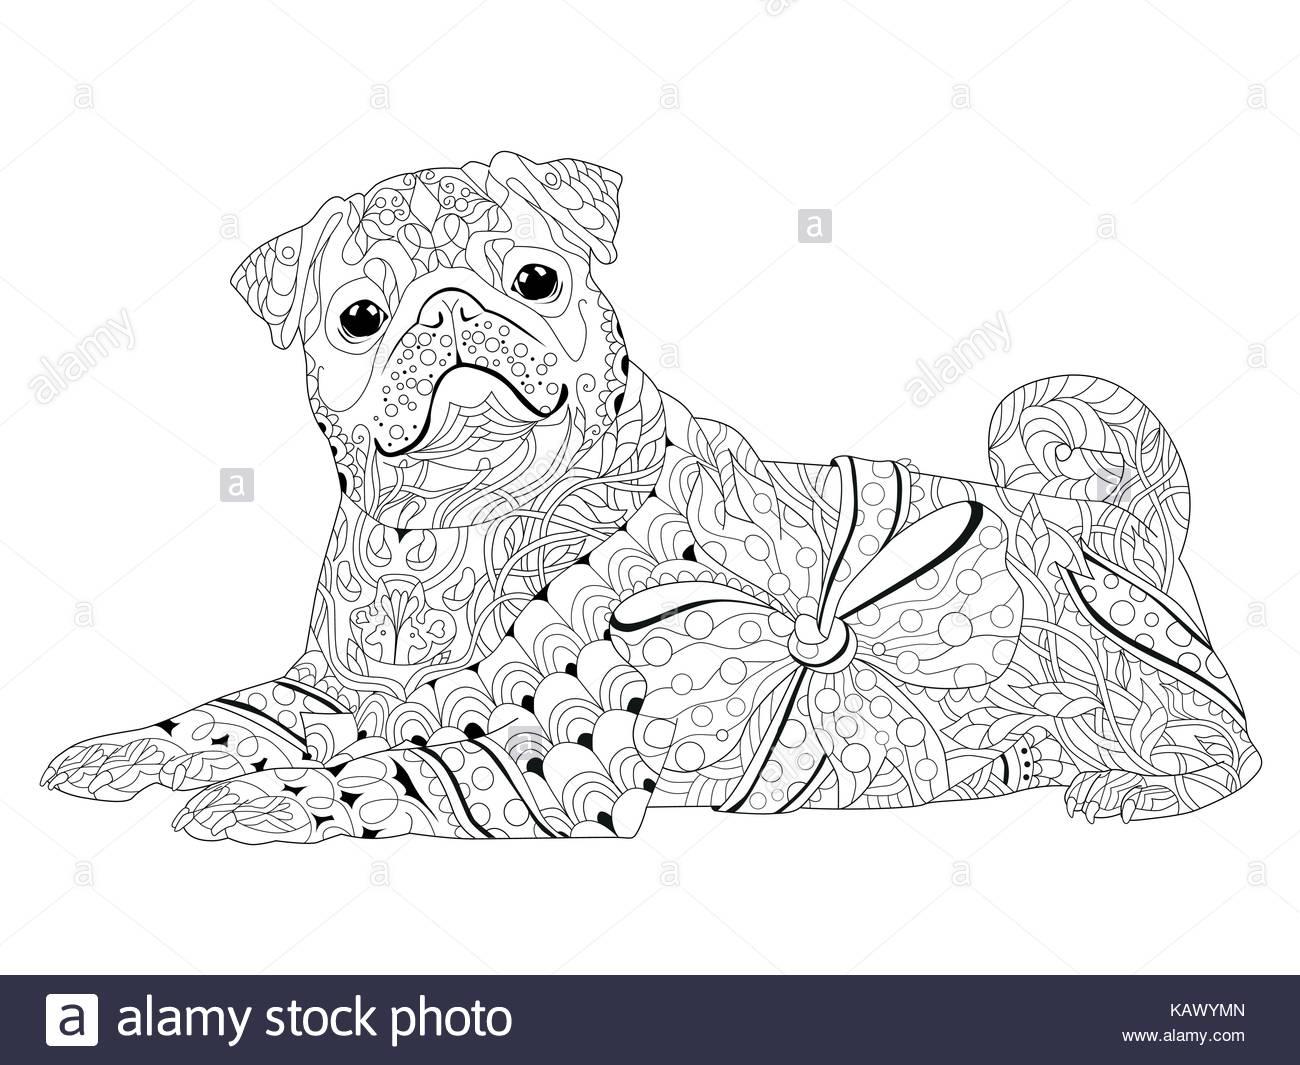 Hund zentangle mit klaren Linien für Malbuch für Anti stress gestylt ...